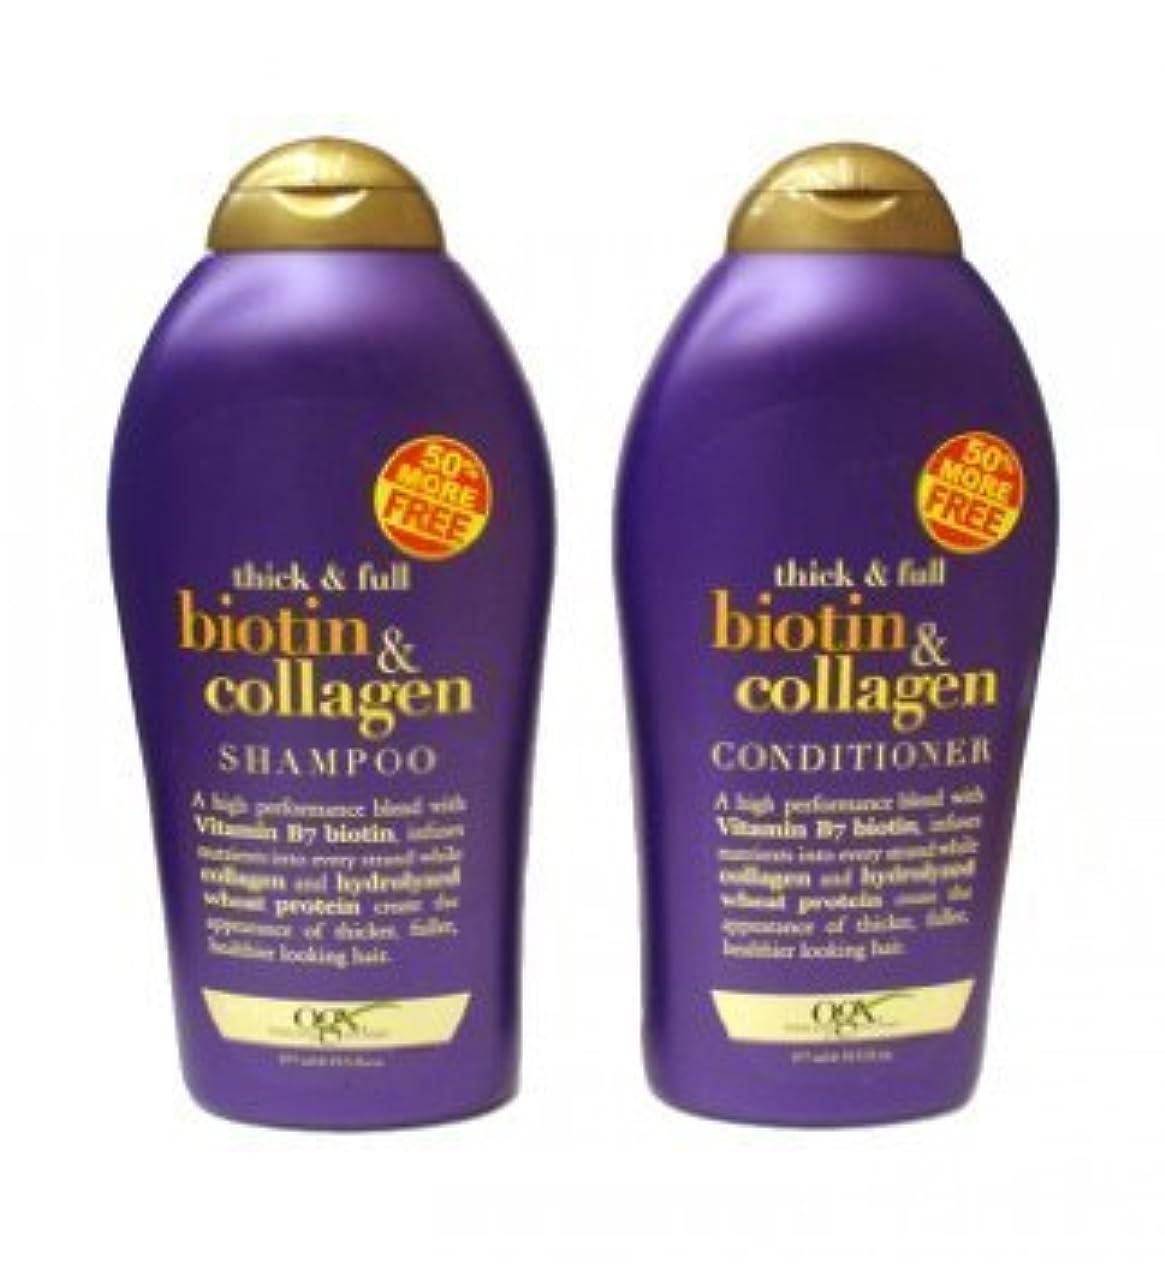 オレンジナンセンス電気のOGX (Thick & Full) Biotin & Collagen Shampoo 19.5oz + Conditioner 19.5oz Duo-Set [並行輸入品]